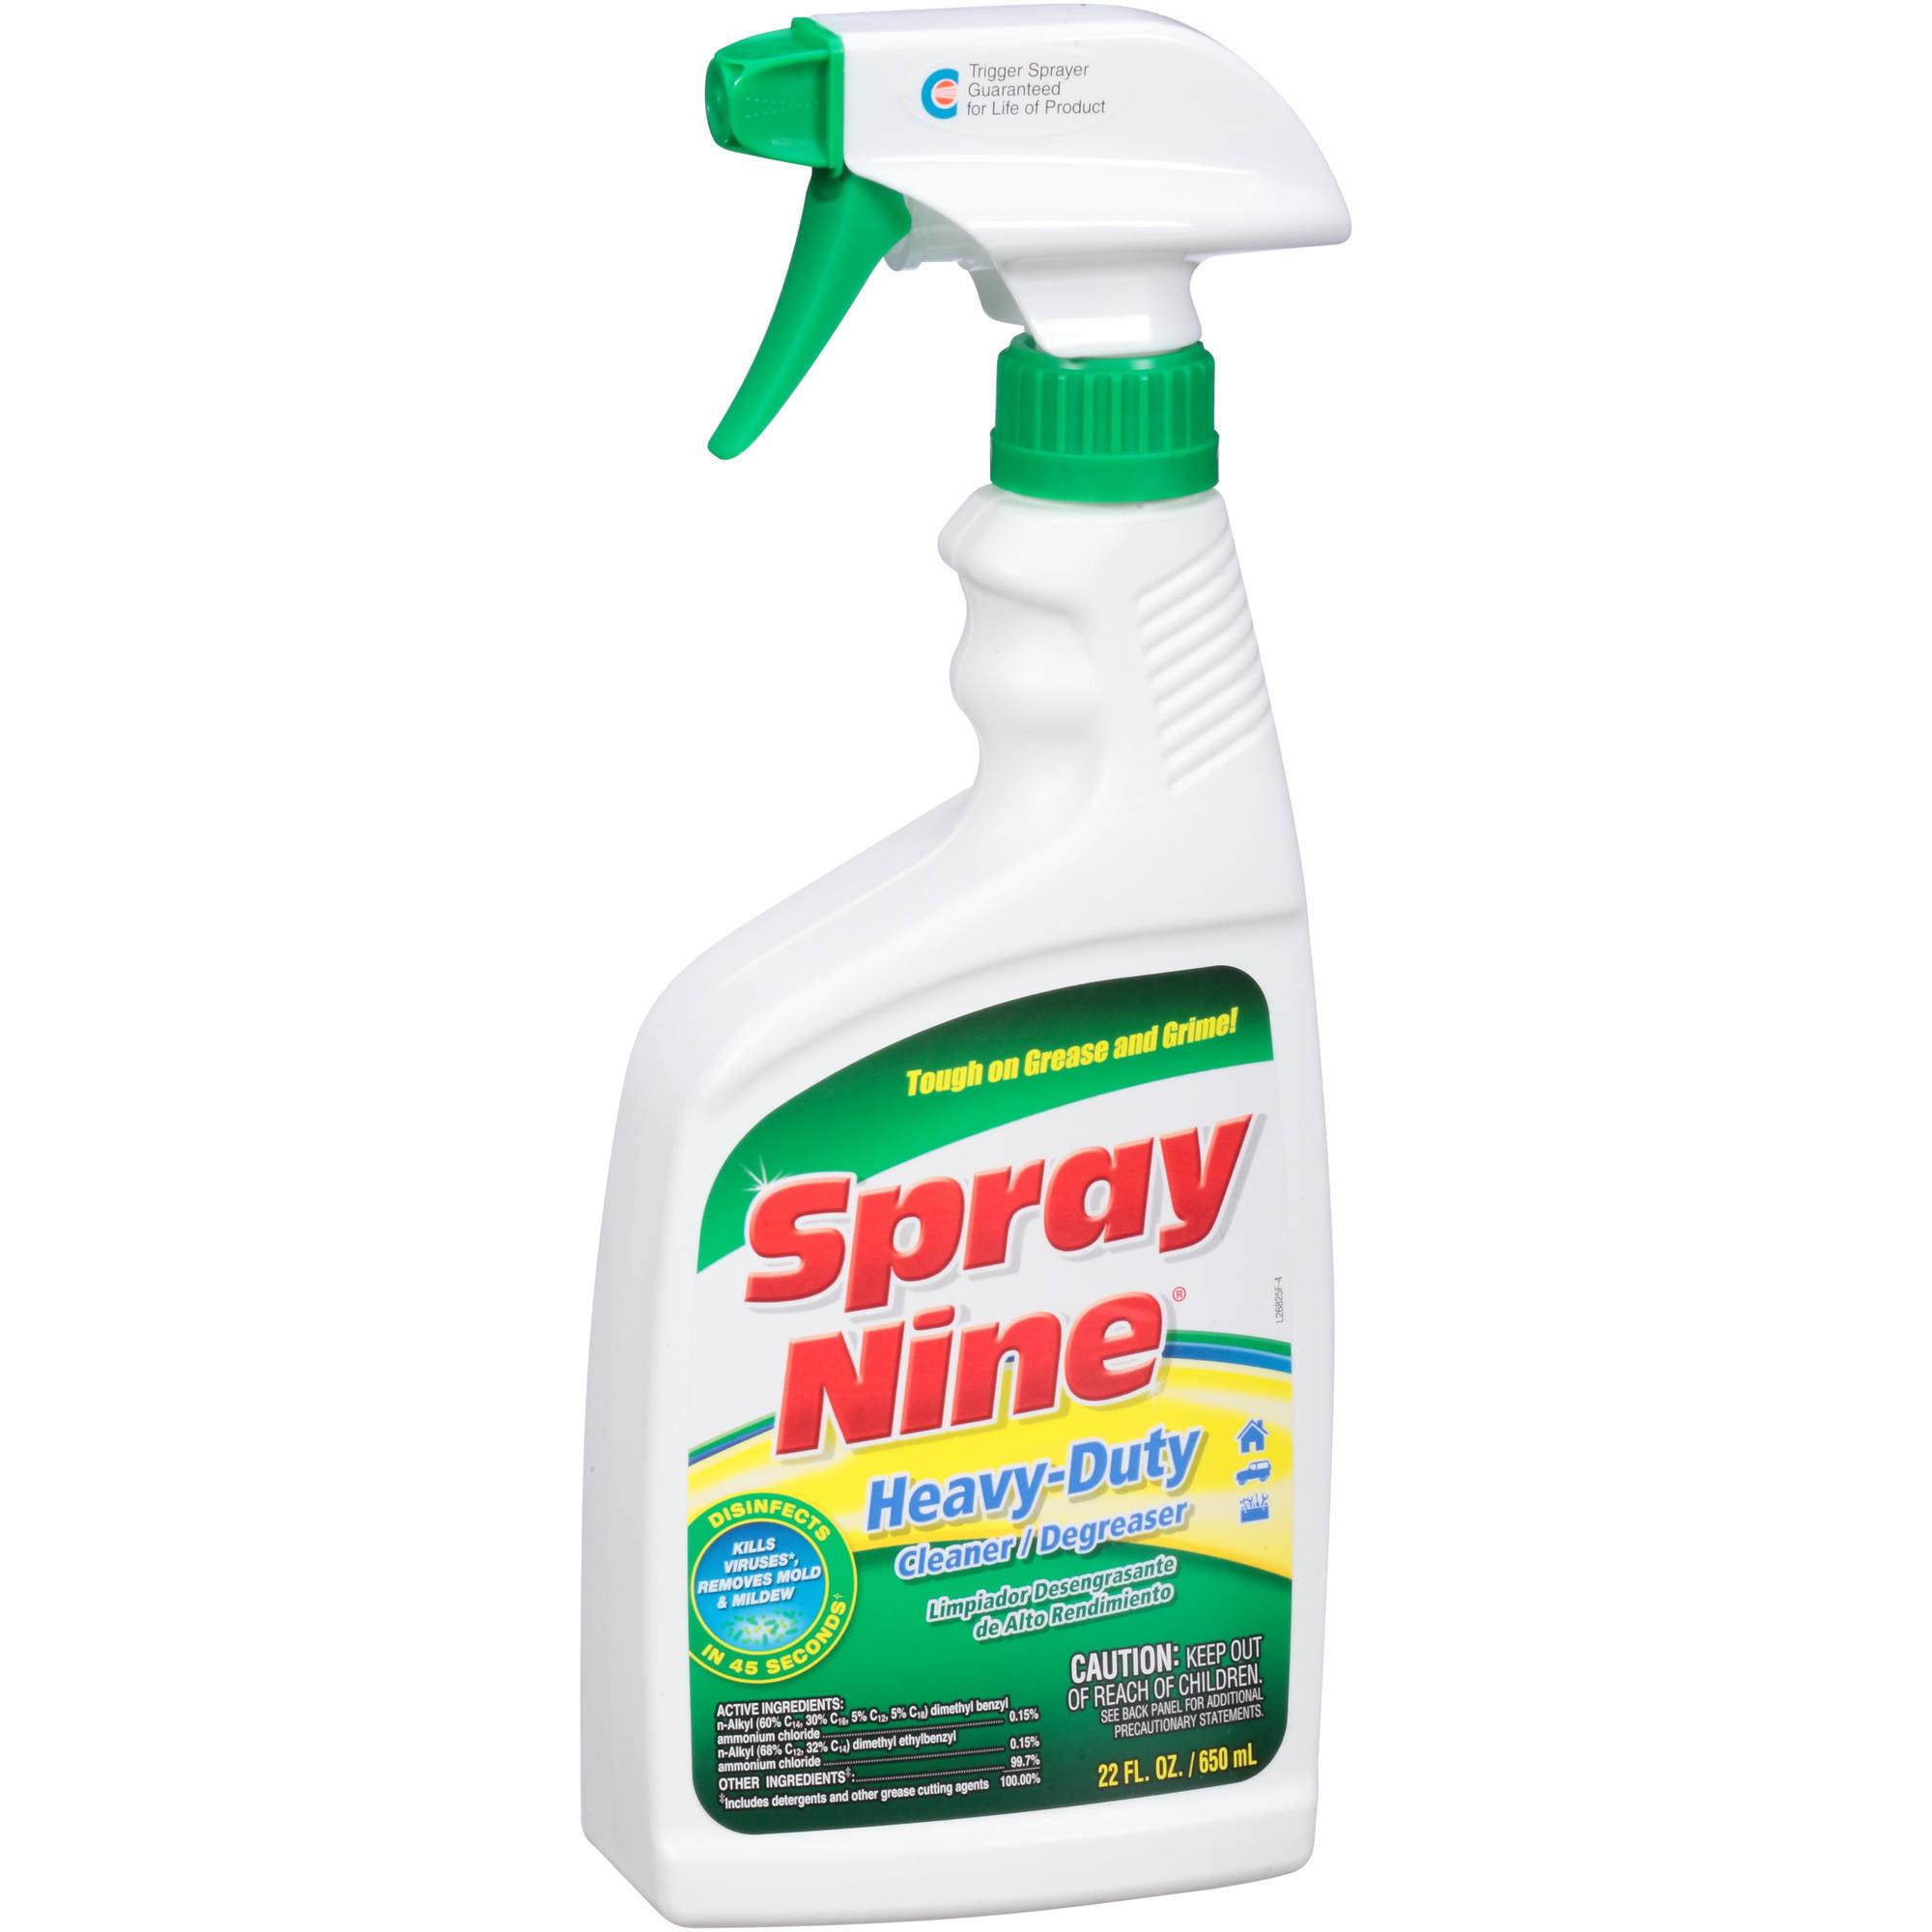 Spray Nine Multi-Purpose Cleaner & Disinfectant, 22 fl oz